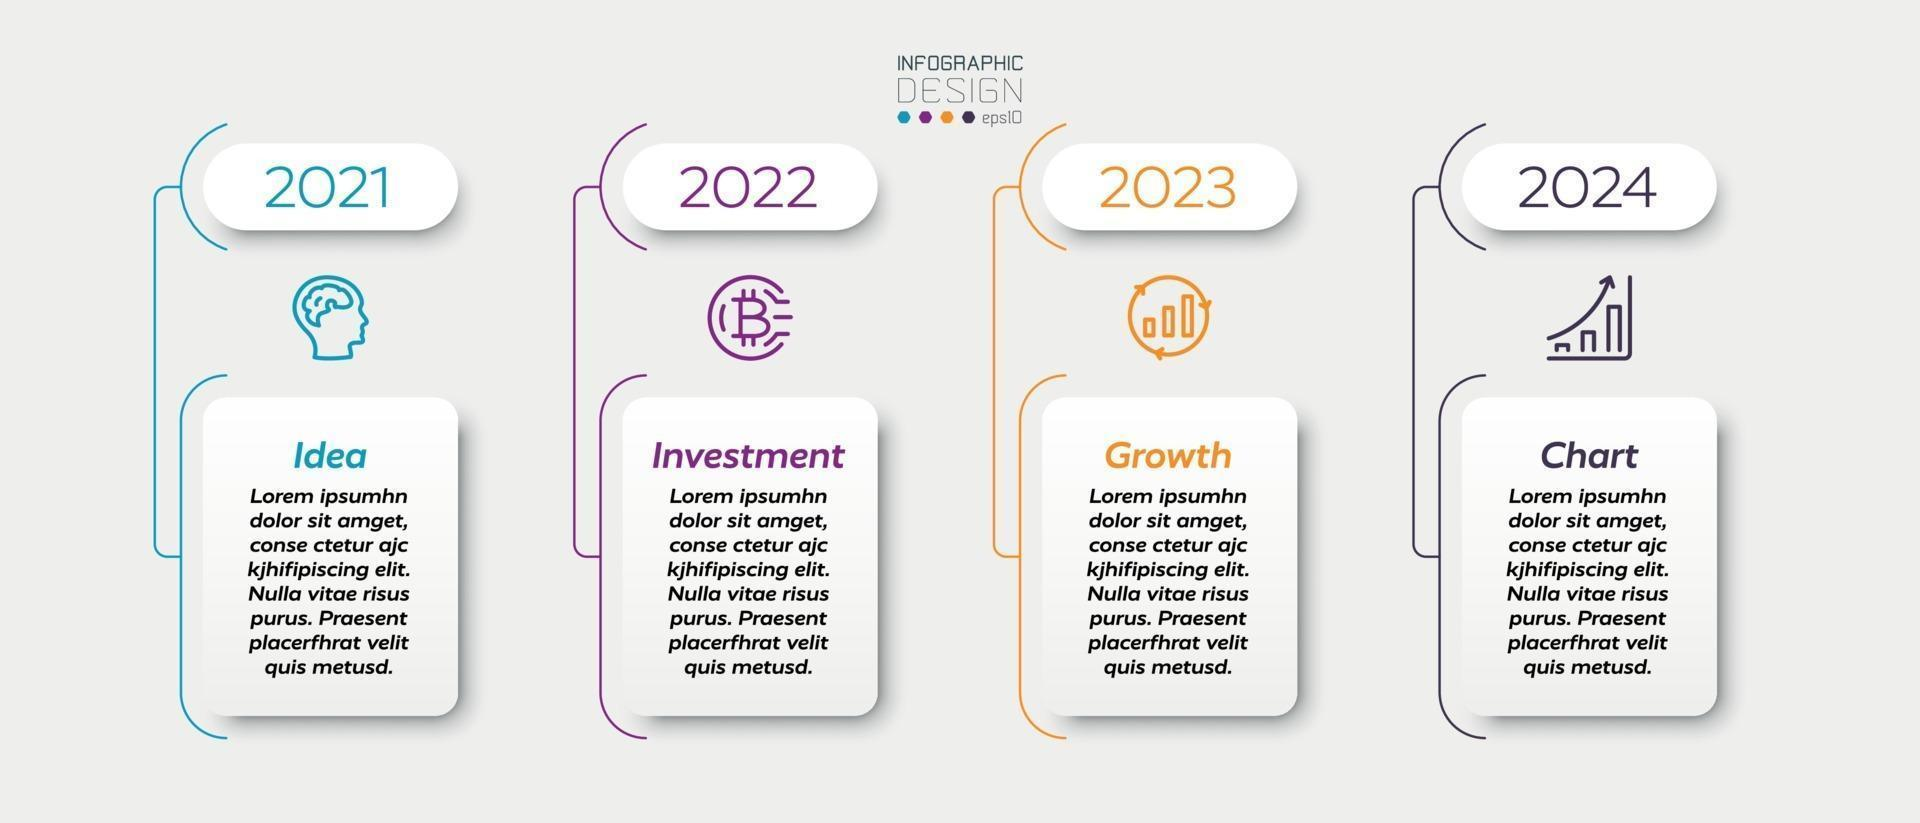 quadrados de design são usados para mostrar desempenho, crescimento, marketing, negócios, empresa. projeto infográfico. vetor